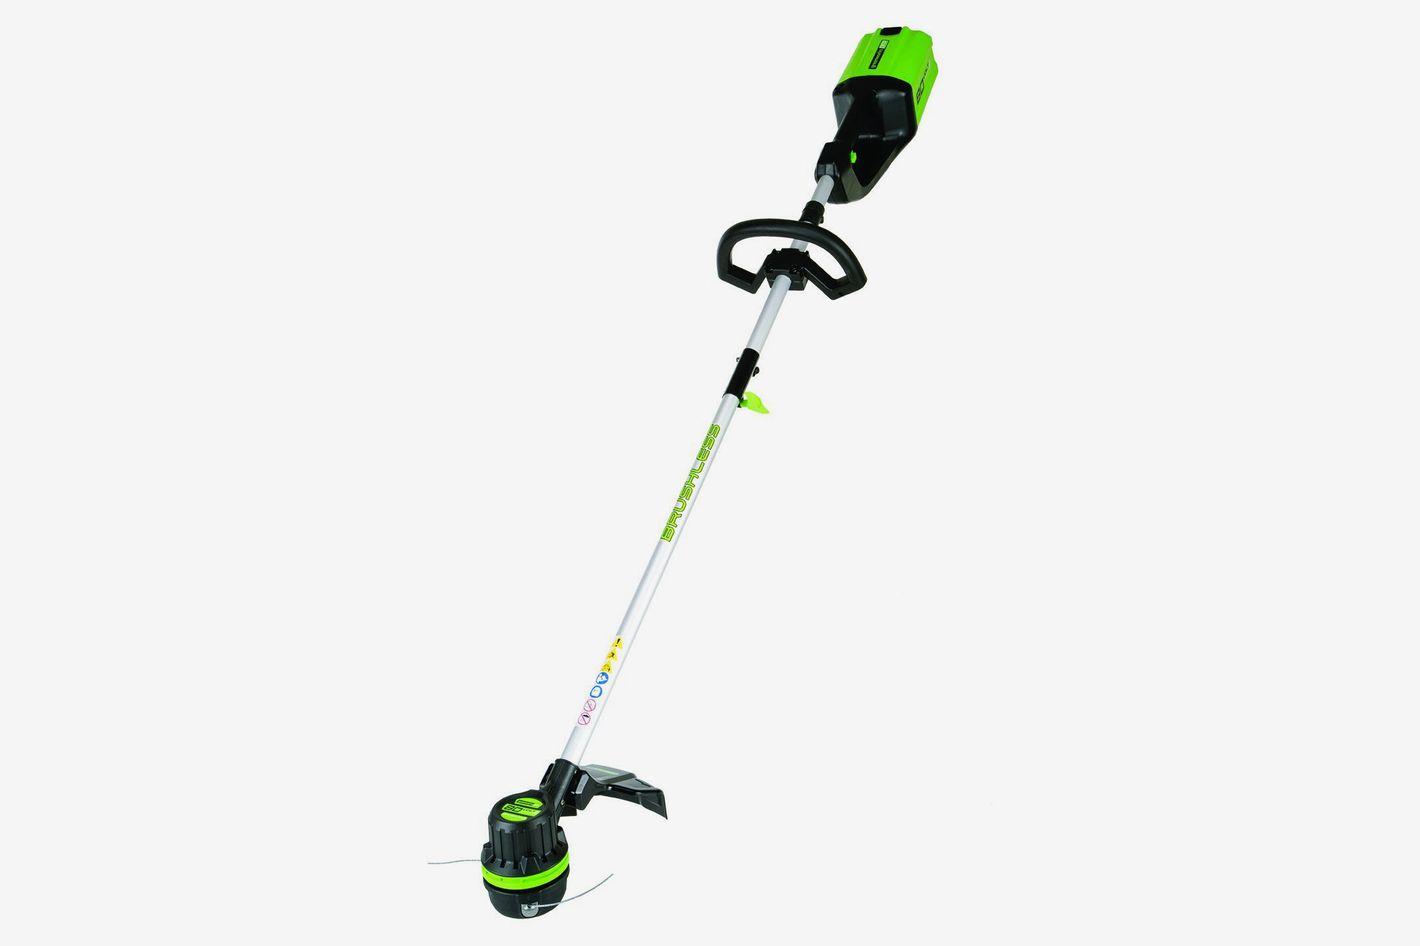 Greenworks Pro 16-Inch 80V Cordless String Trimmer